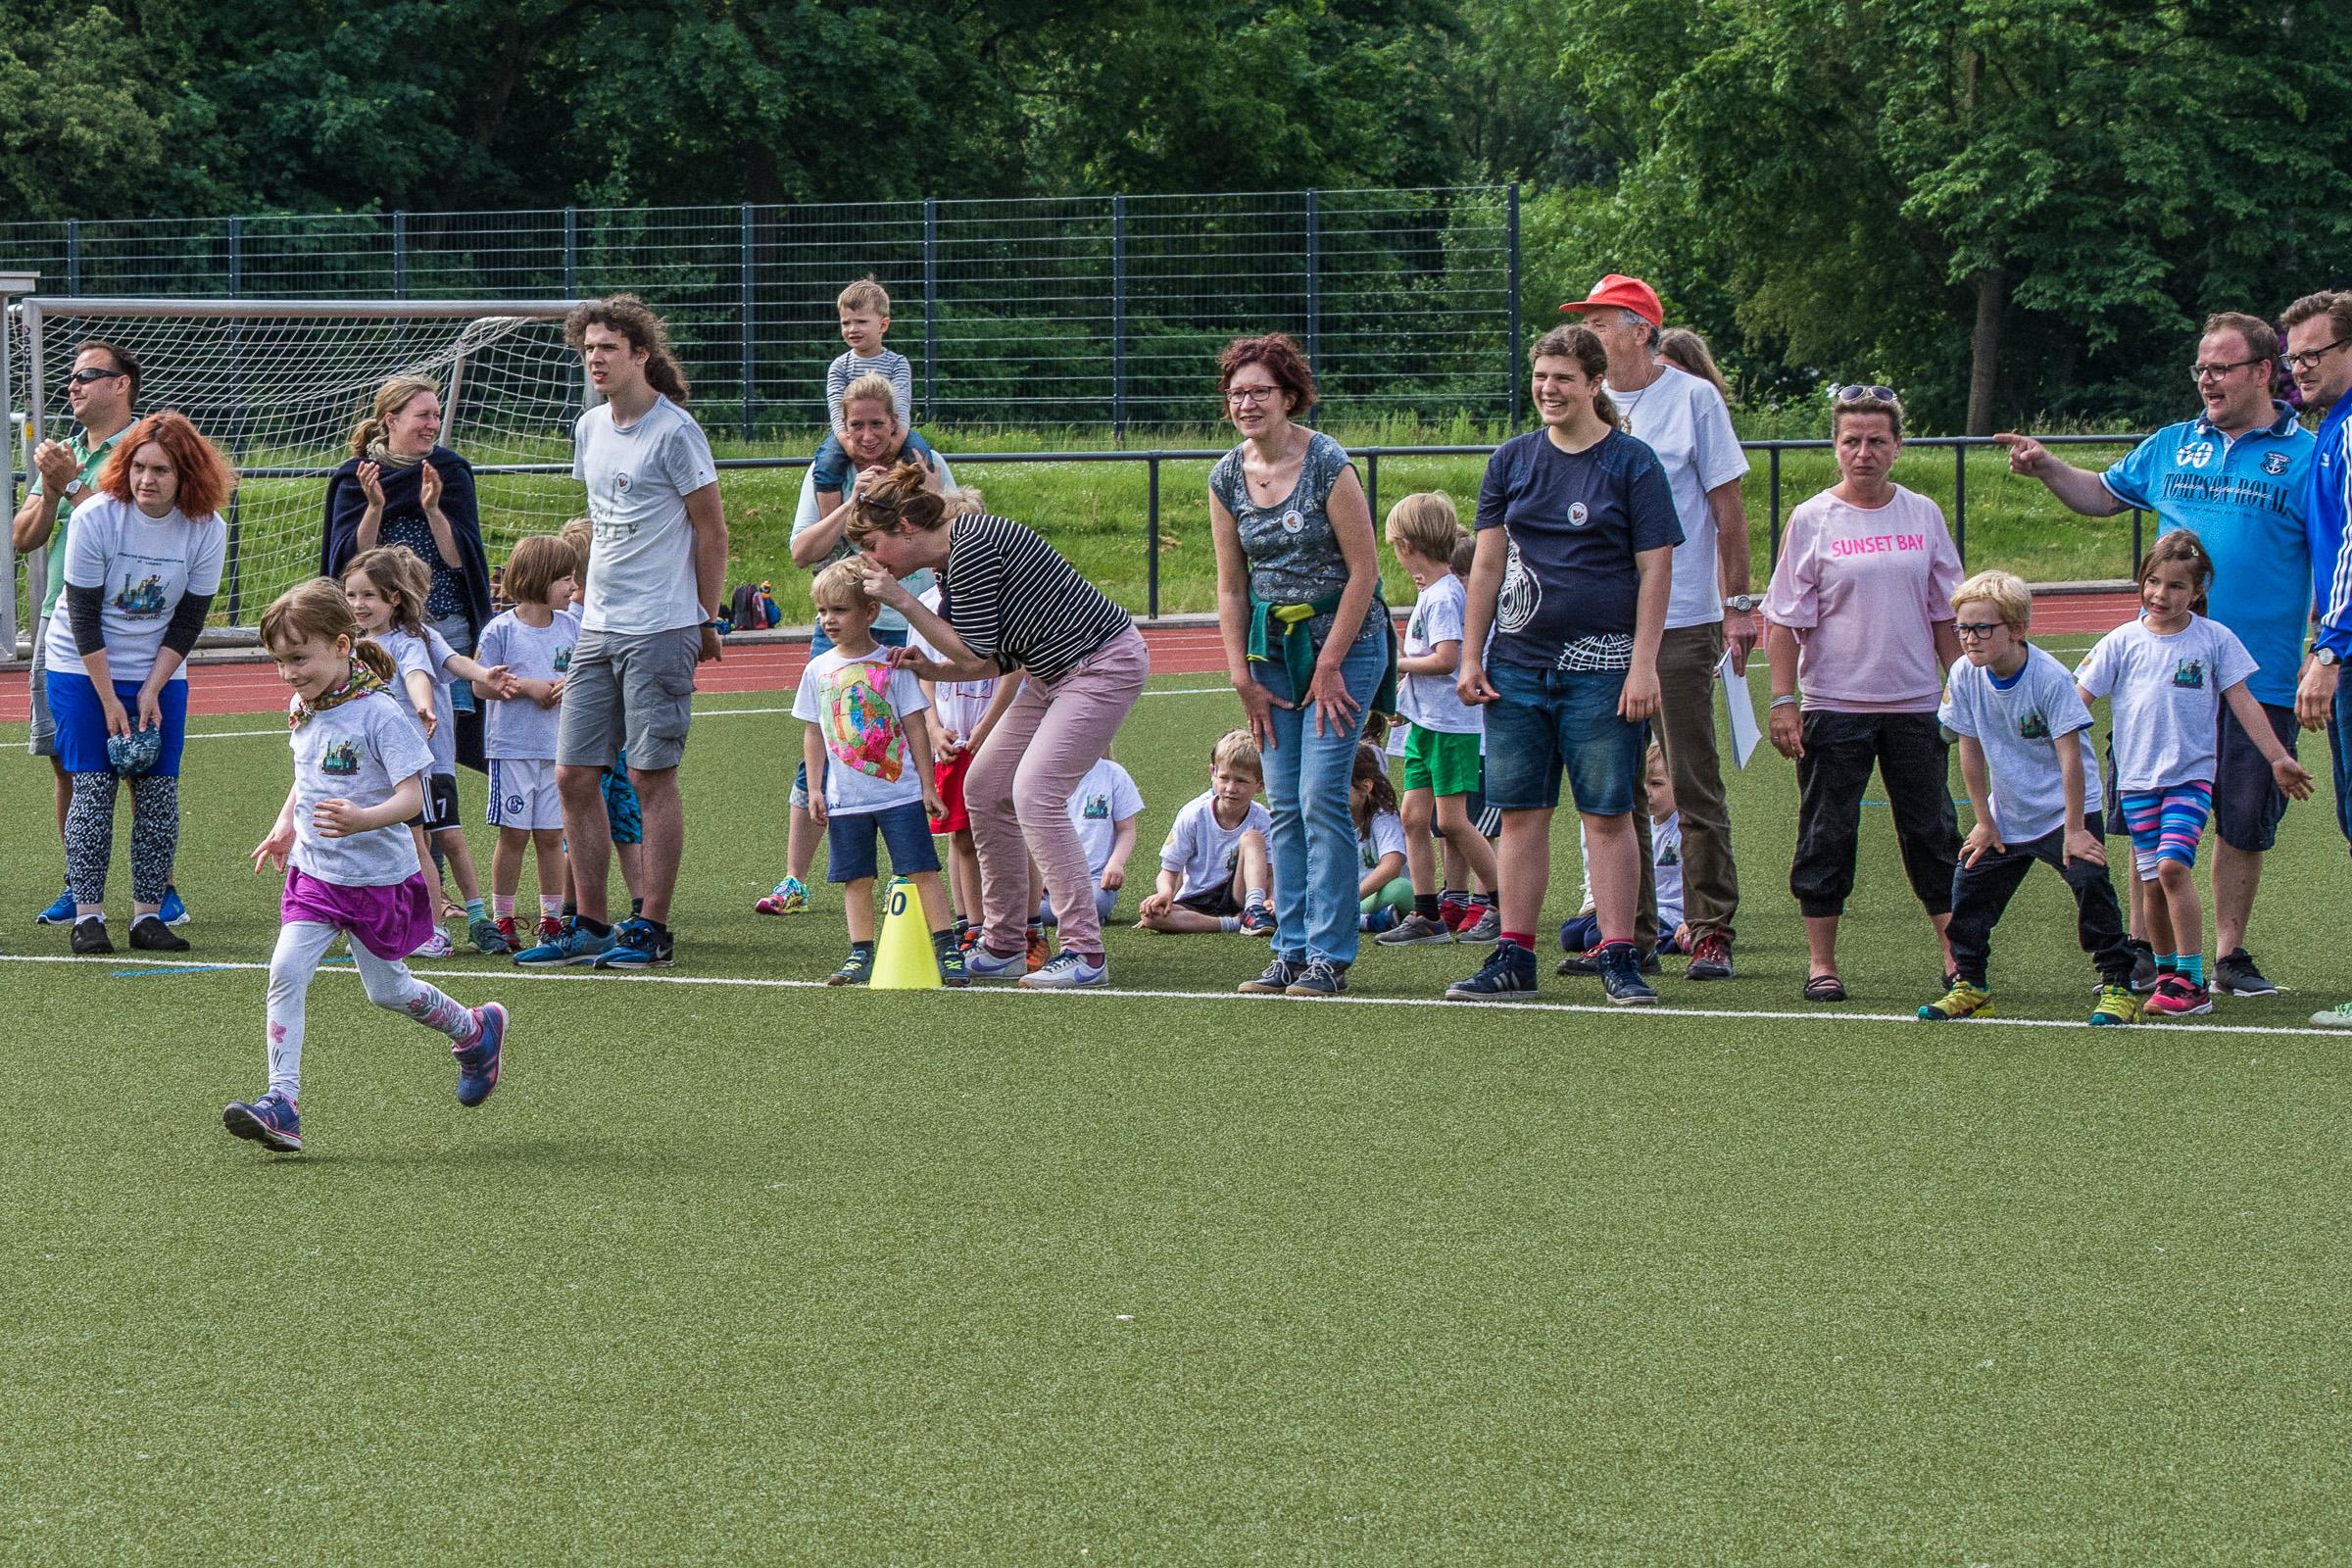 20180516_Sportabzeichen_087